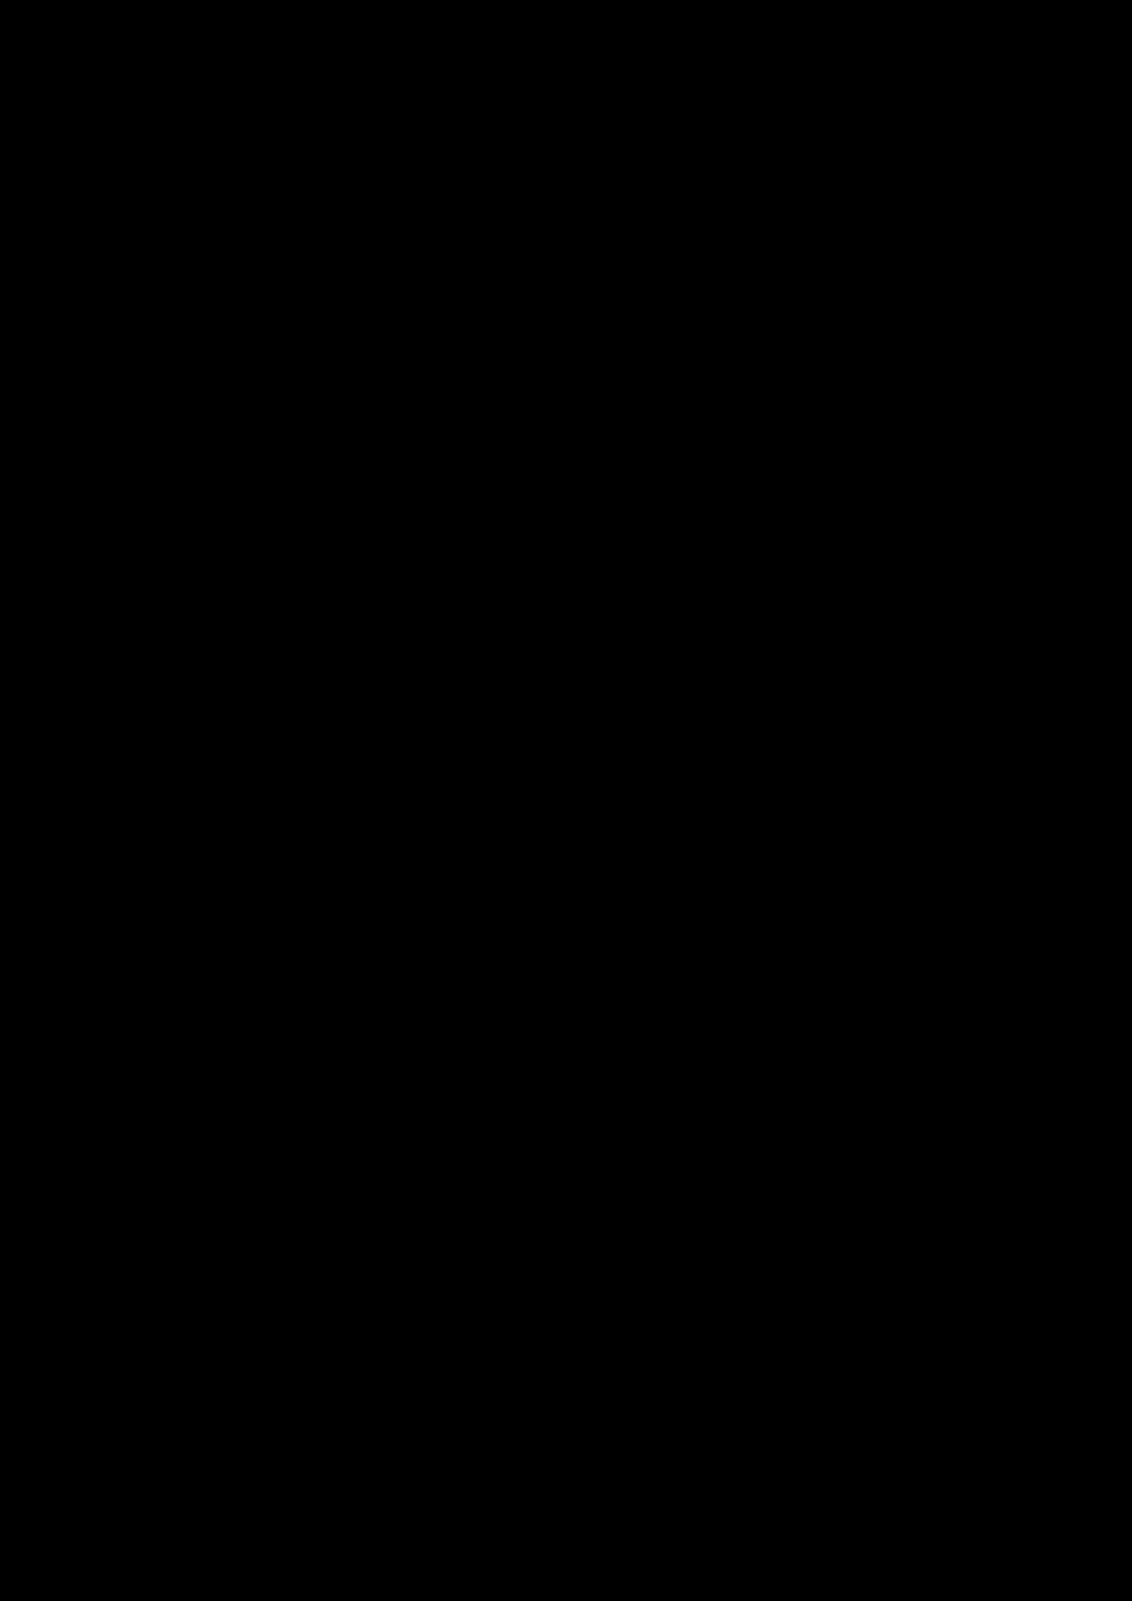 Proschanie s volshebnoy stranoy slide, Image 37